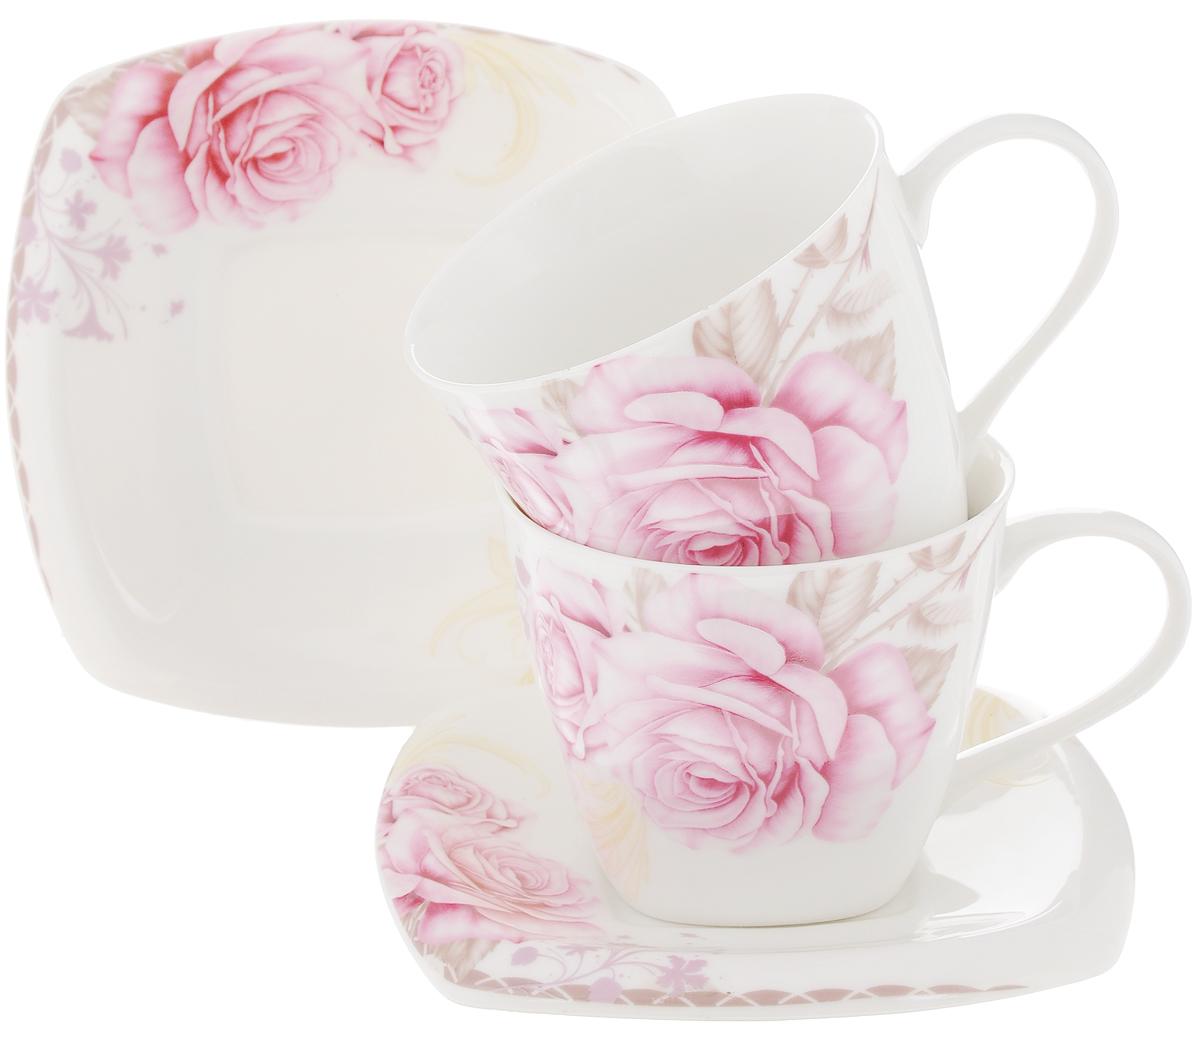 Набор чайный Patricia Розовые розы, 4 предметаIM17-0101Чайный набор Patricia Розовые розы, выполненный из высококачественного фарфора, состоит из 2 чашек и 2 блюдец. Предметы набора декорированы изысканным изображением роз. Изделия прекрасно подойдут как для повседневного использования, так и для праздников. Набор Patricia Розовые розы - это не только яркий и полезный подарок для родных и близких, но и великолепное дизайнерское решение для вашей кухни или столовой. Набор имеет подарочную упаковку, задрапированную белой атласной тканью. Можно мыть в посудомоечной машине и использовать в микроволновой печи. Объем чашки: 220 мл. Диаметр чашки (по верхнему краю): 8,5 см. Высота чашки: 7,2 см. Размер блюдца: 13 х 13 см. Высота блюдца: 1,9 см.